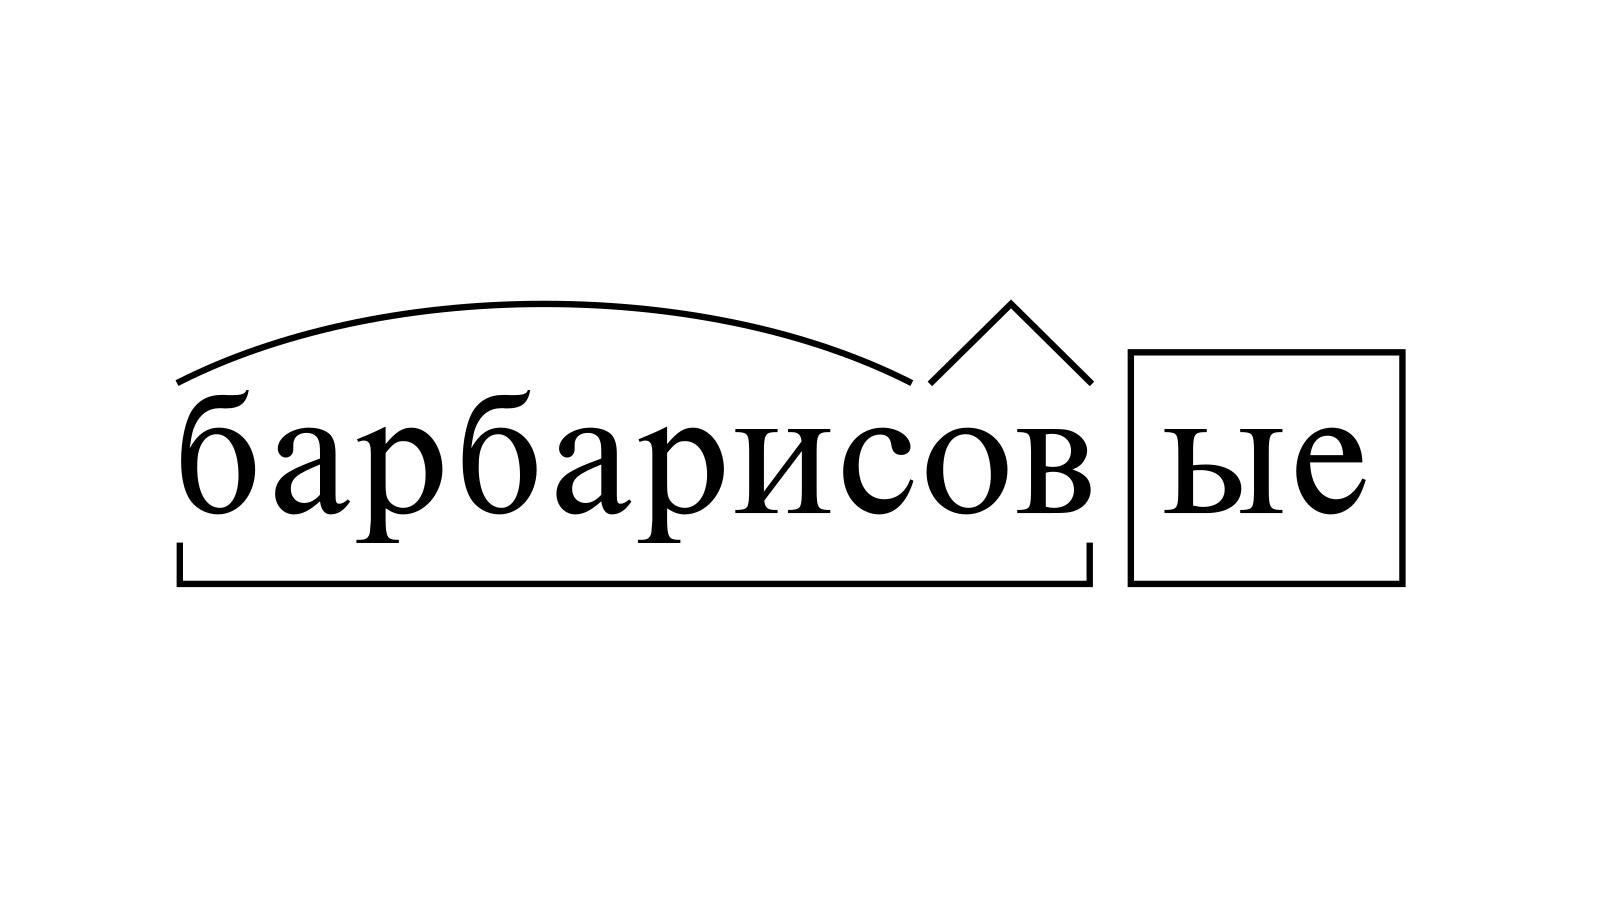 Разбор слова «барбарисовые» по составу